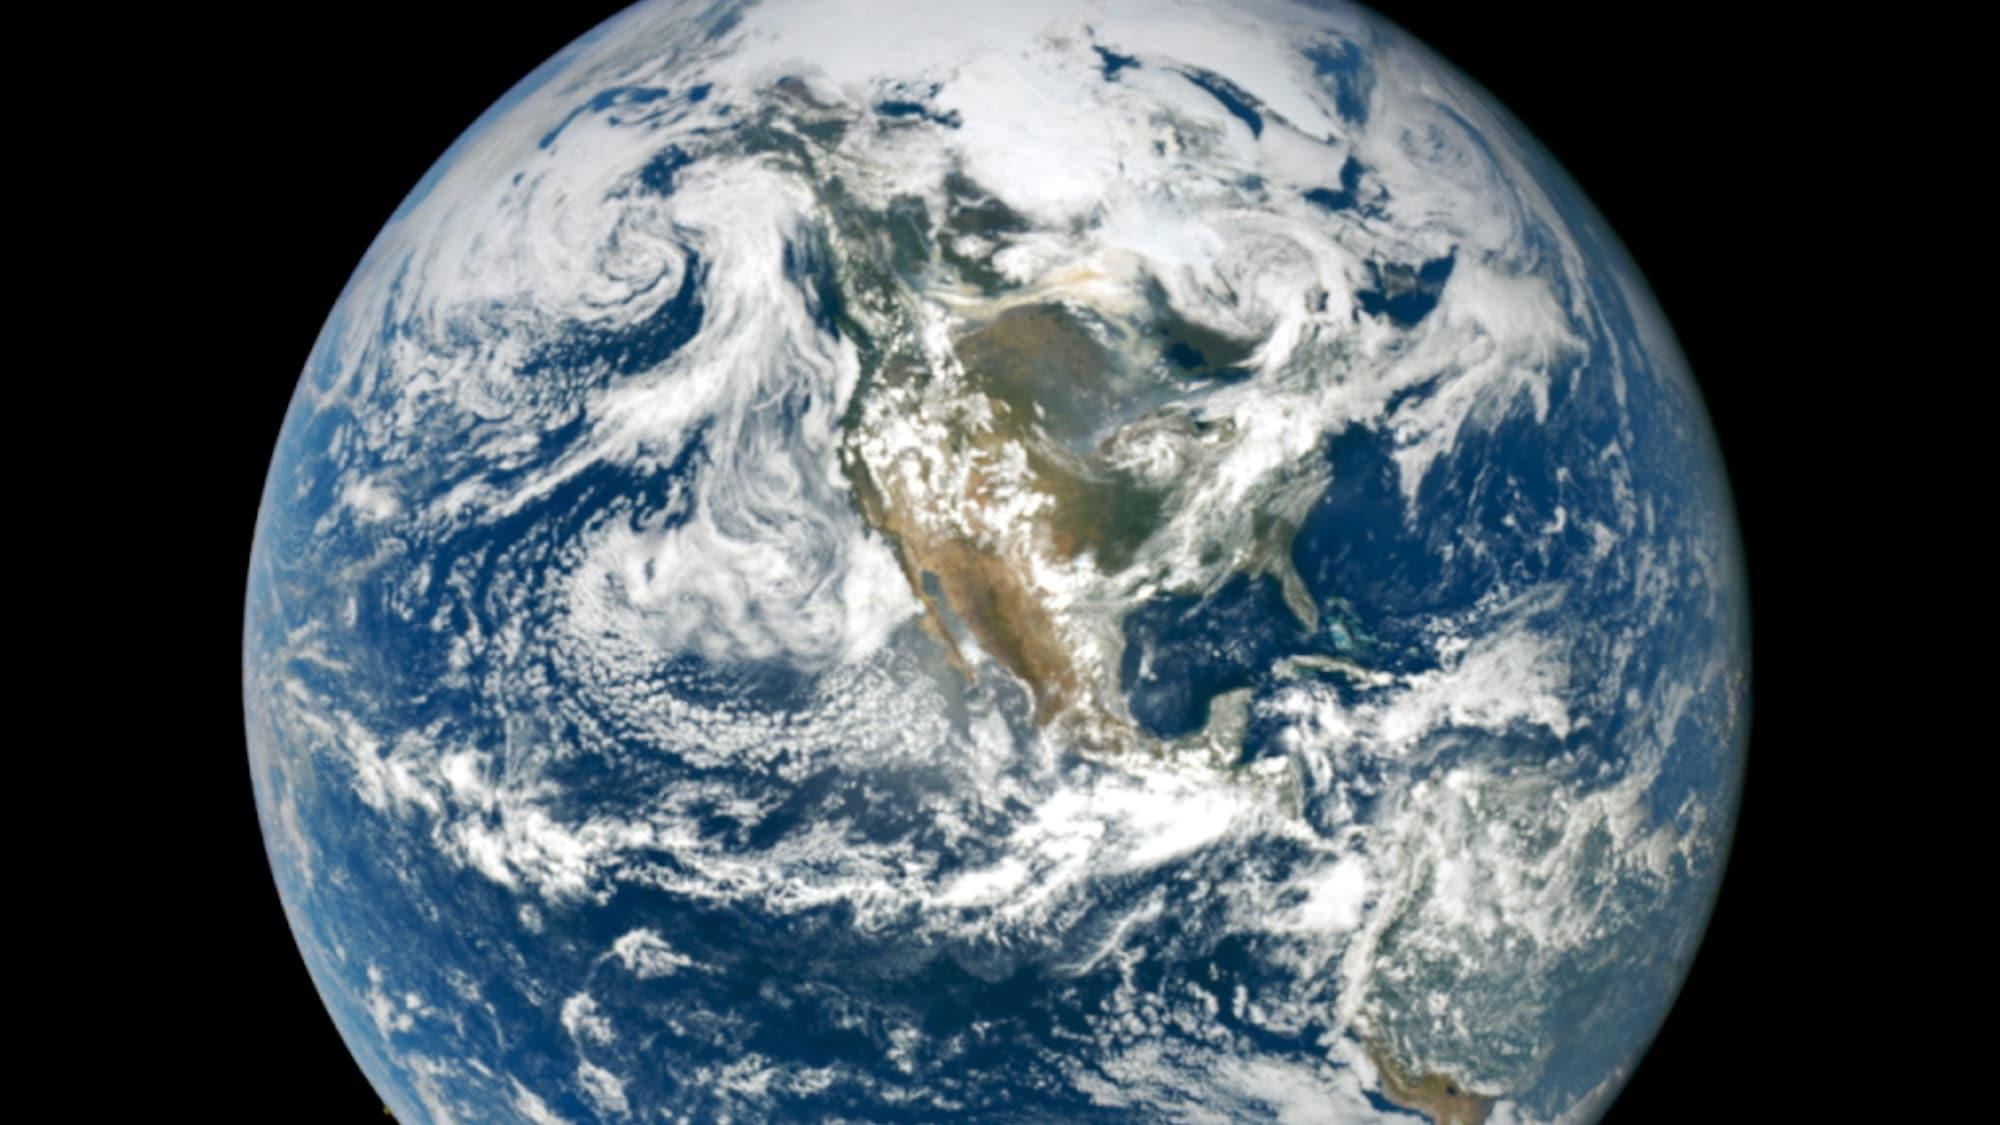 Gefahr aus dem All gebannt: Grosser Asteroid verfehlt Erde